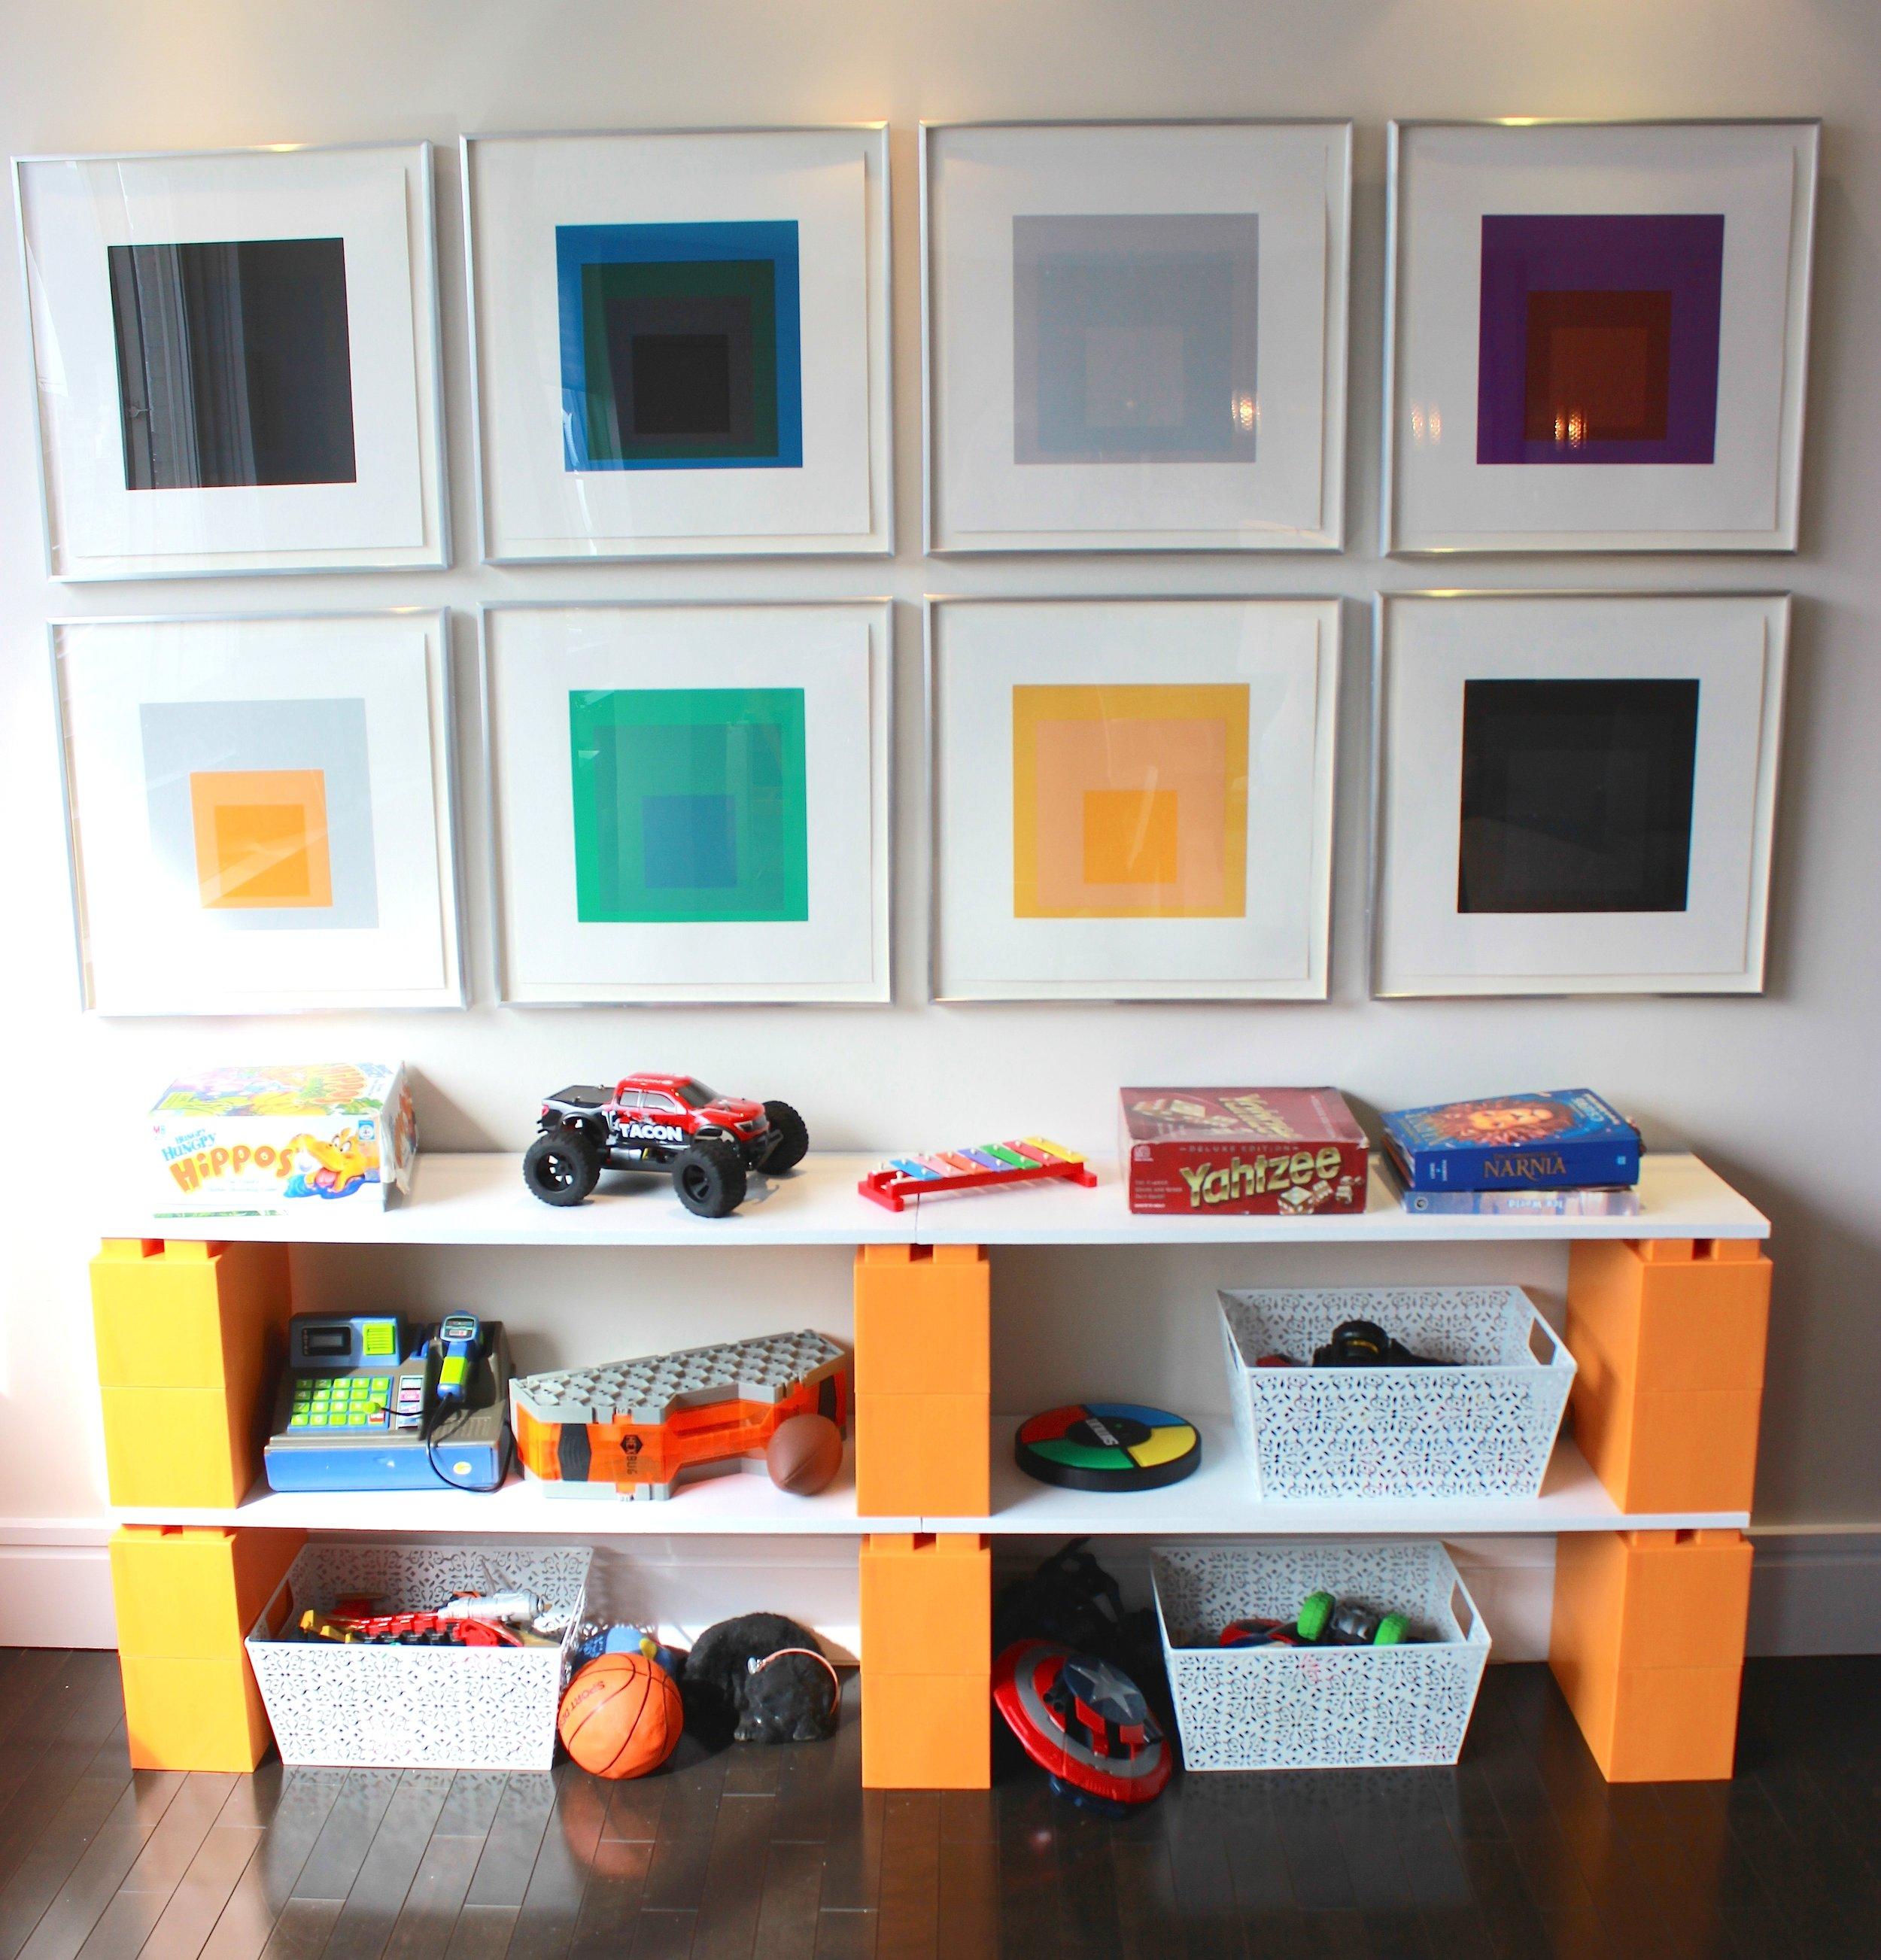 818-Kids bookshelves 2.jpg